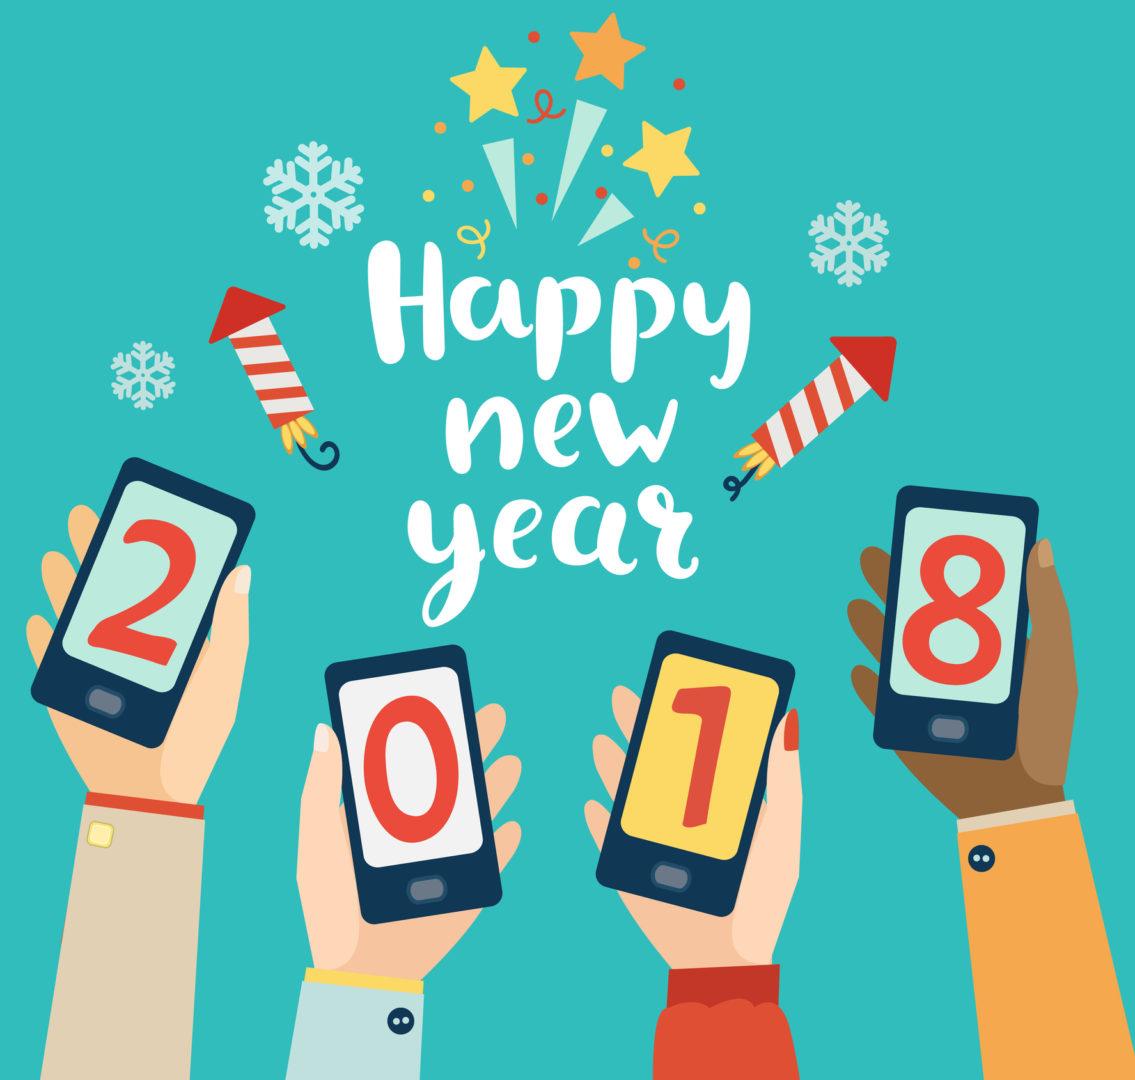 20d74dfd694 GUIDE] Geniale apps, du ikke kan undvære i 2018   Rindbo & Co.